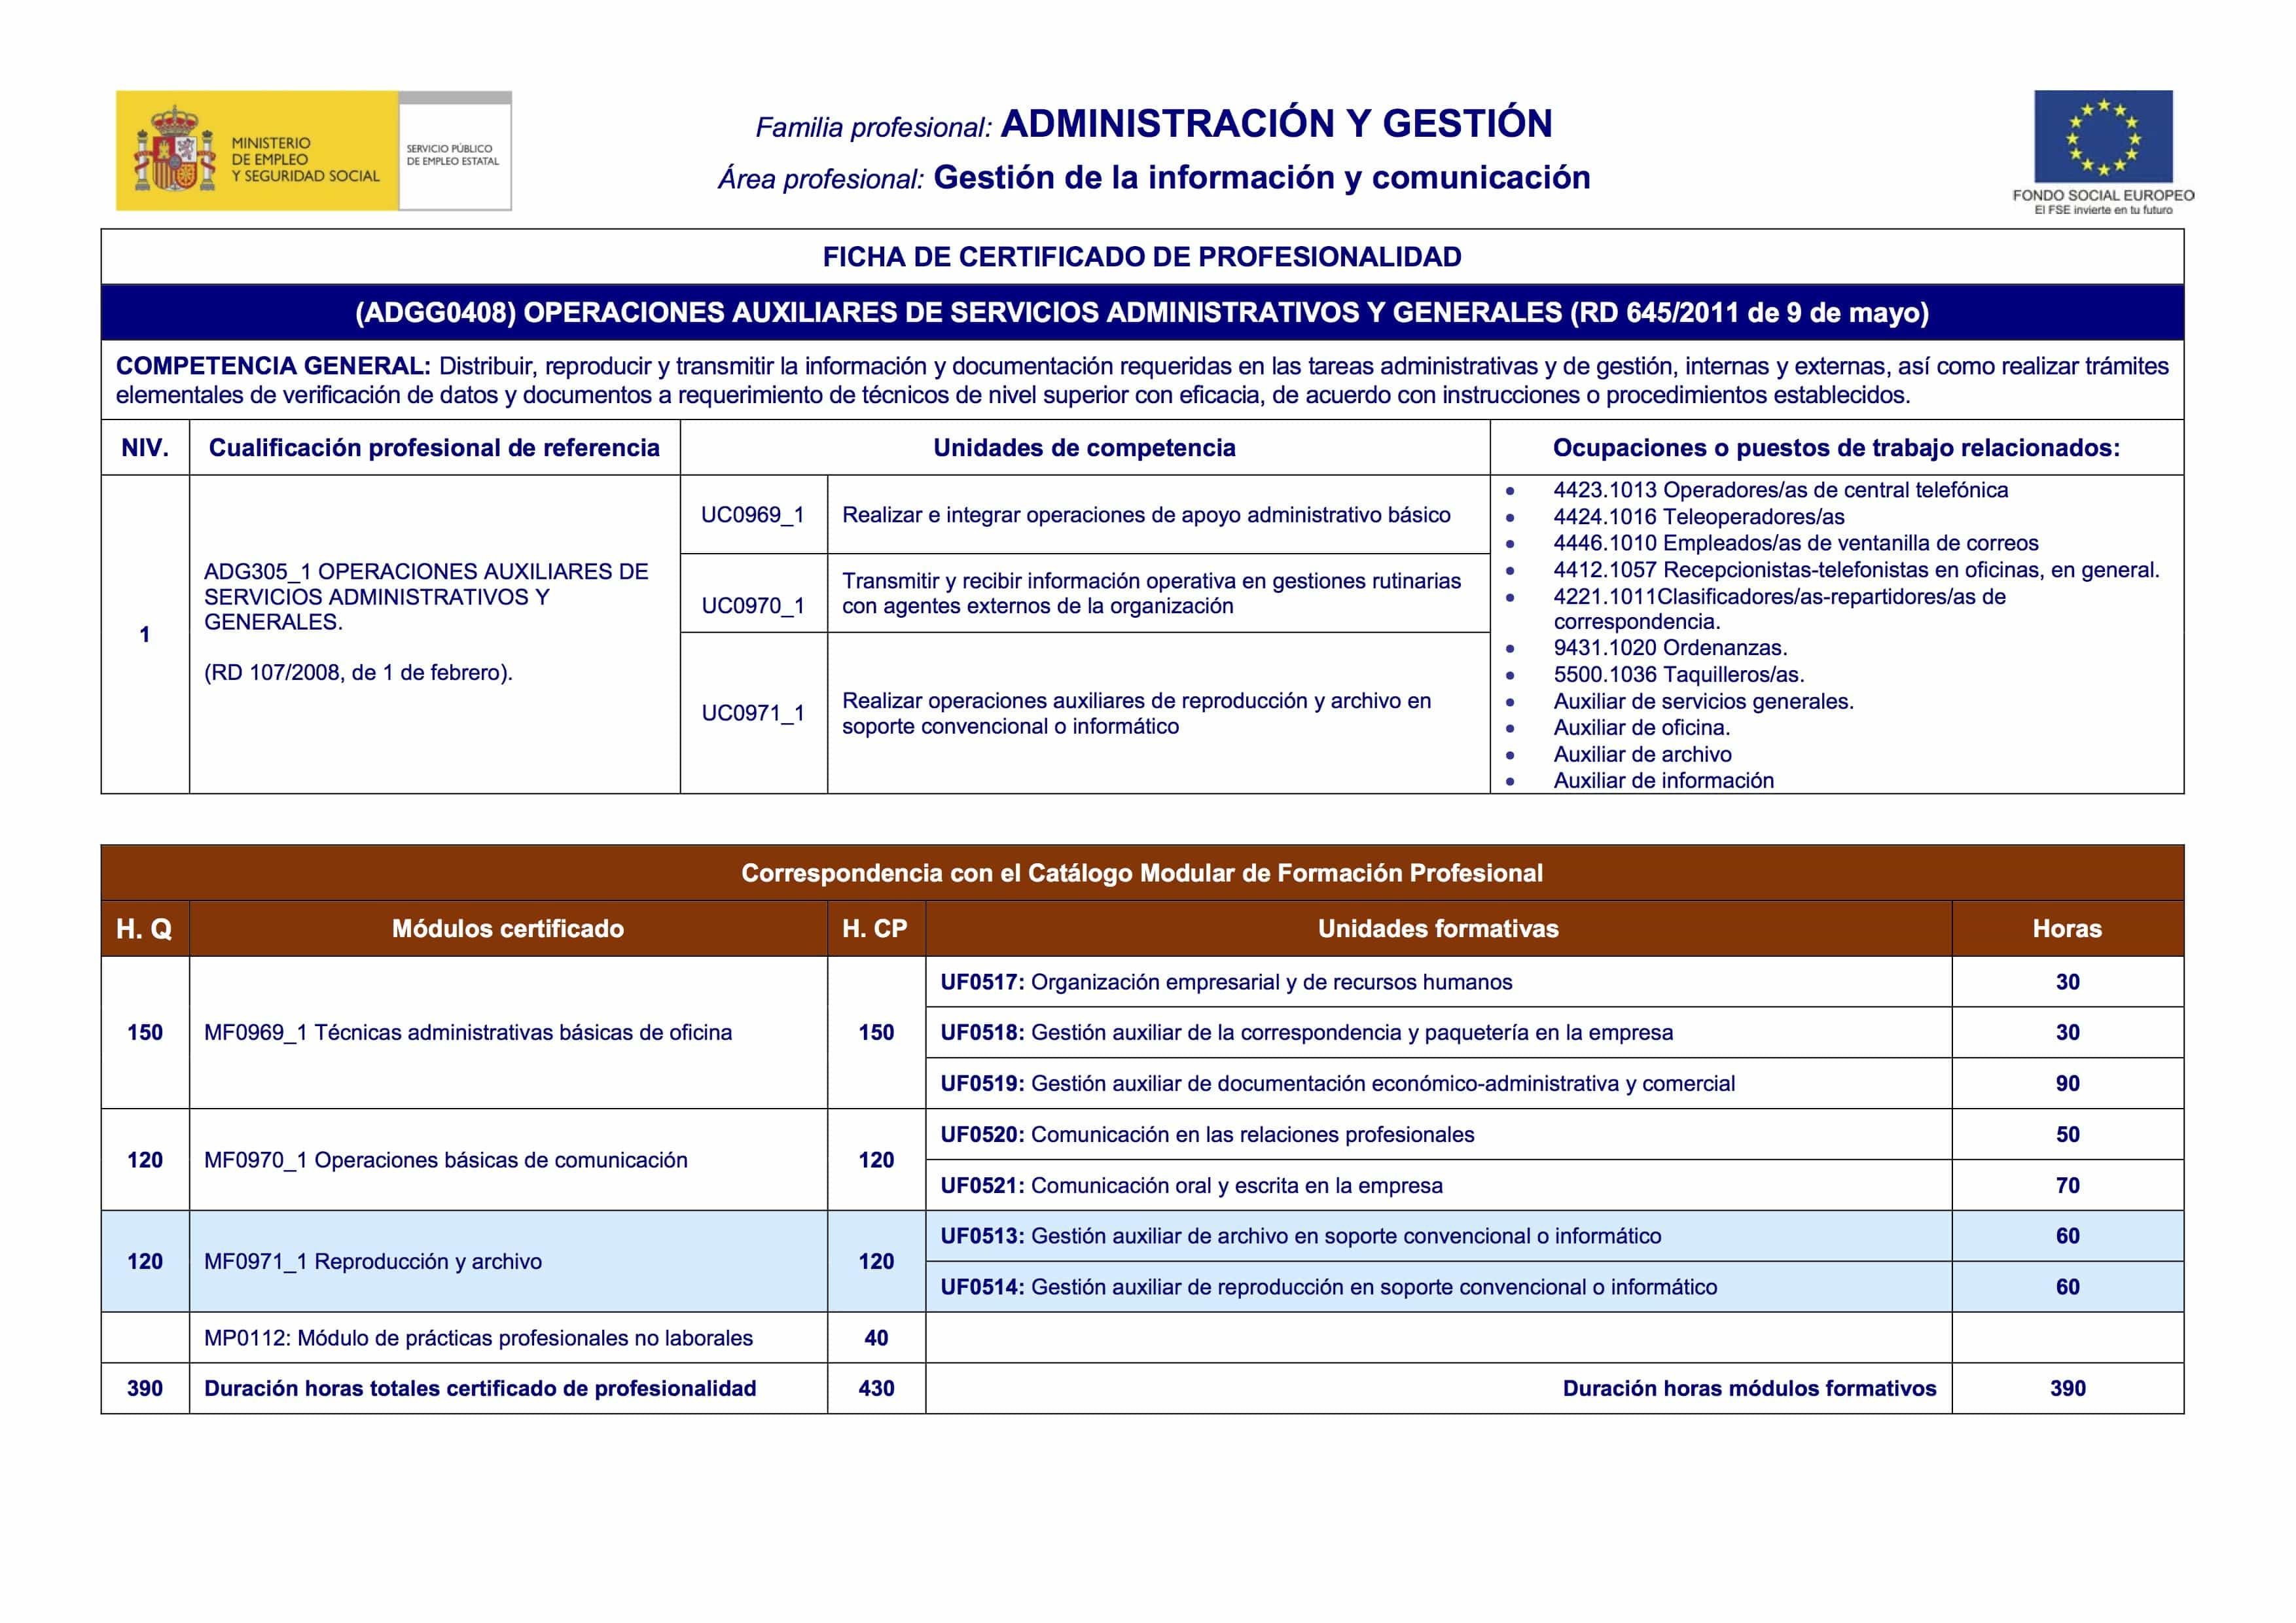 certificado profesionalidad operaciones auxiliares servicios administrativos